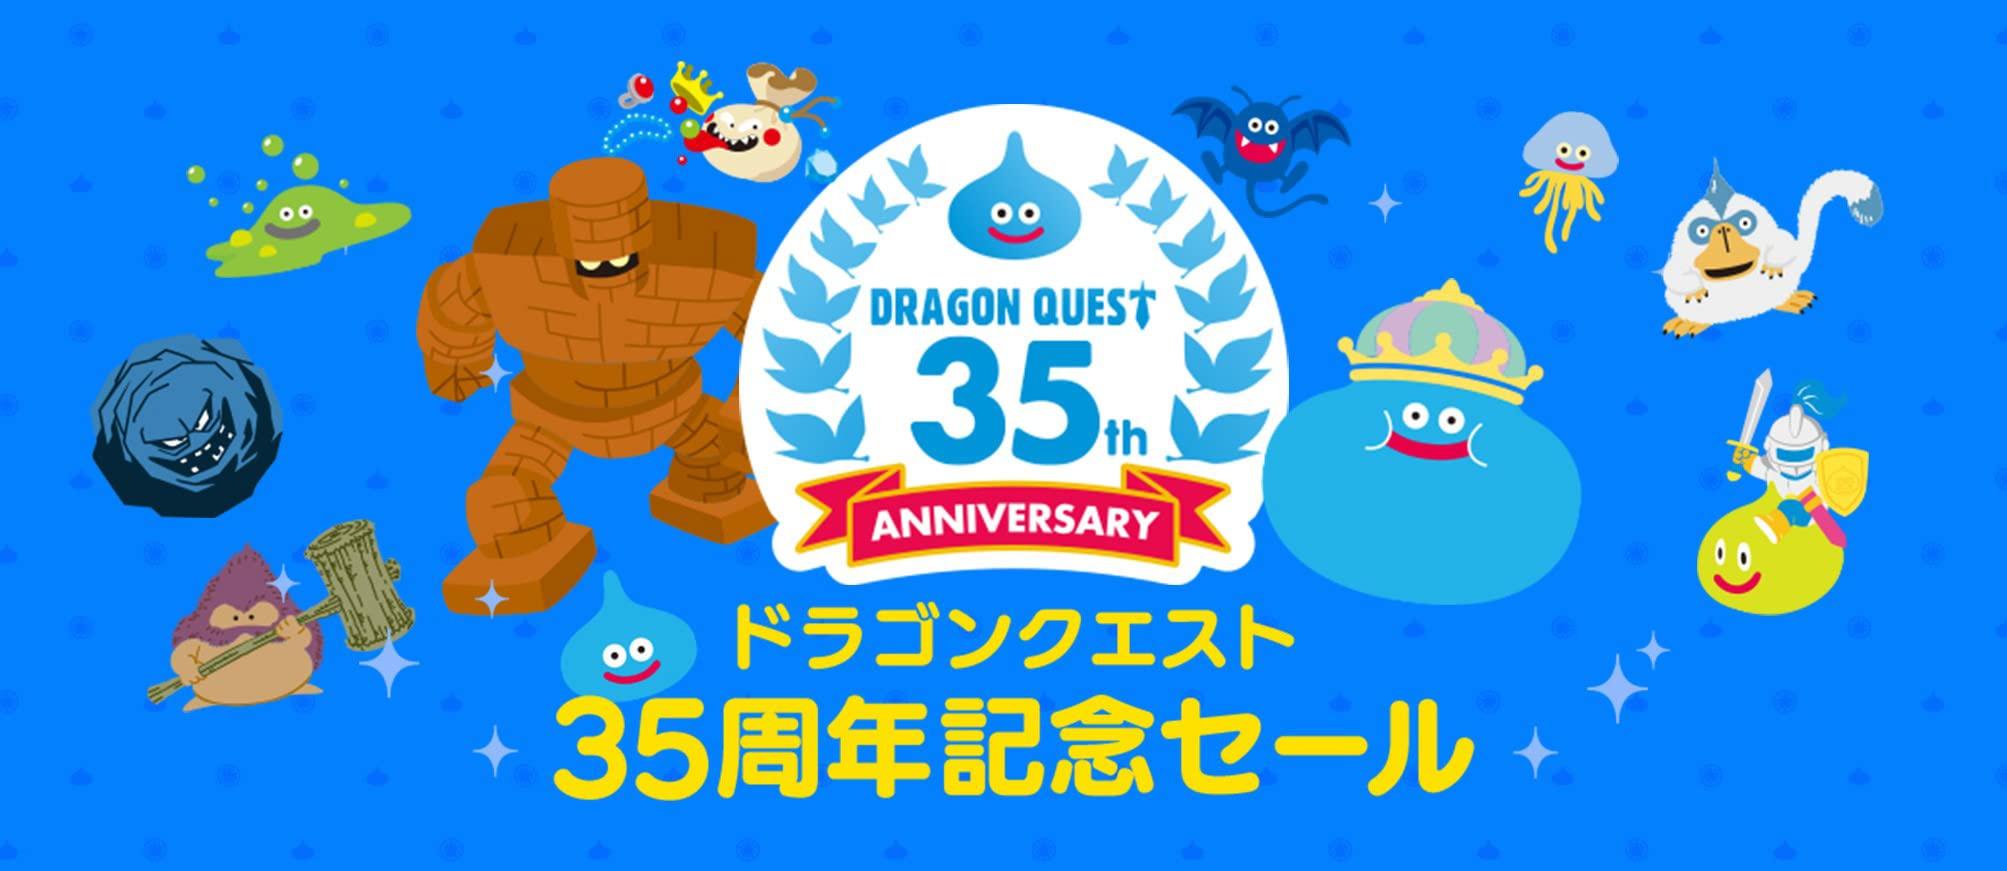 アマゾンでドラゴンクエストが35周年記念でスイッチ、PC版が各種35%OFFセール中。~6/9。